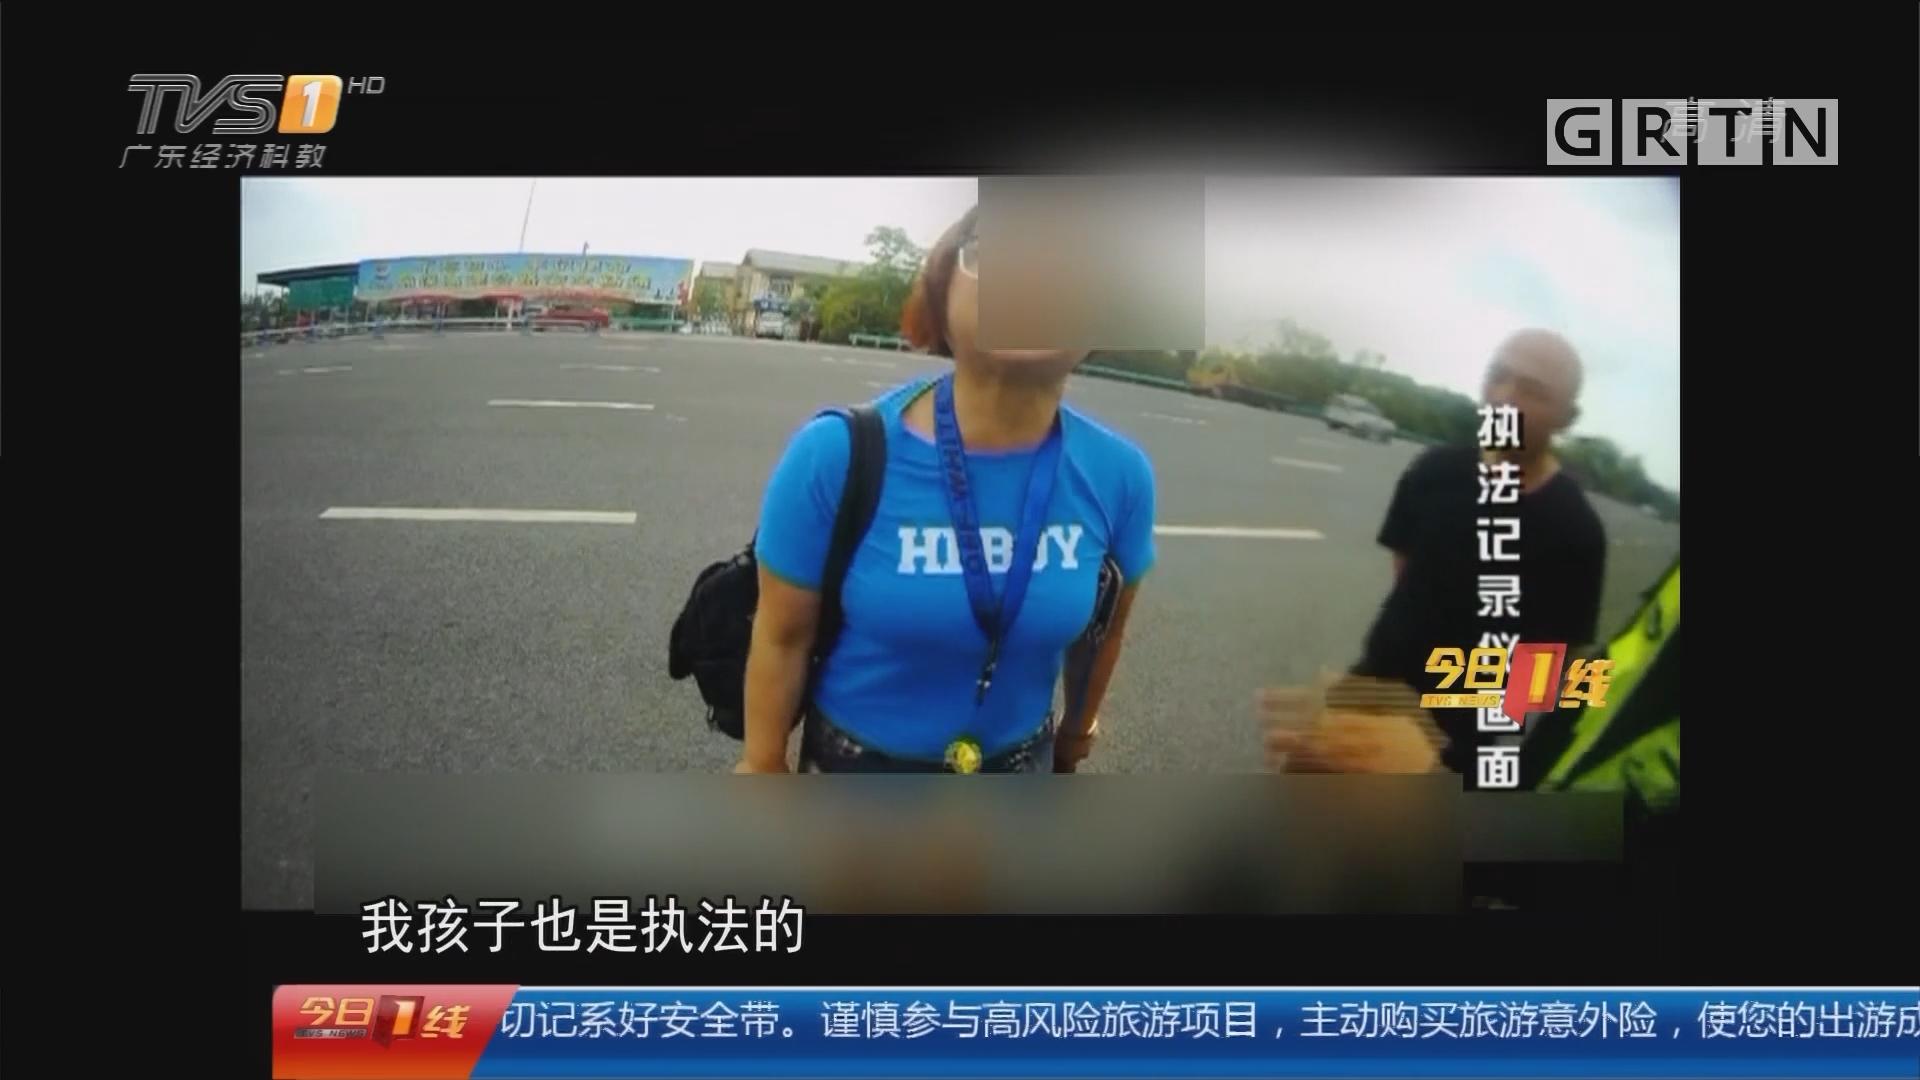 四川:抢夺驾驶证阻碍执法 蛮横女司机遭行拘